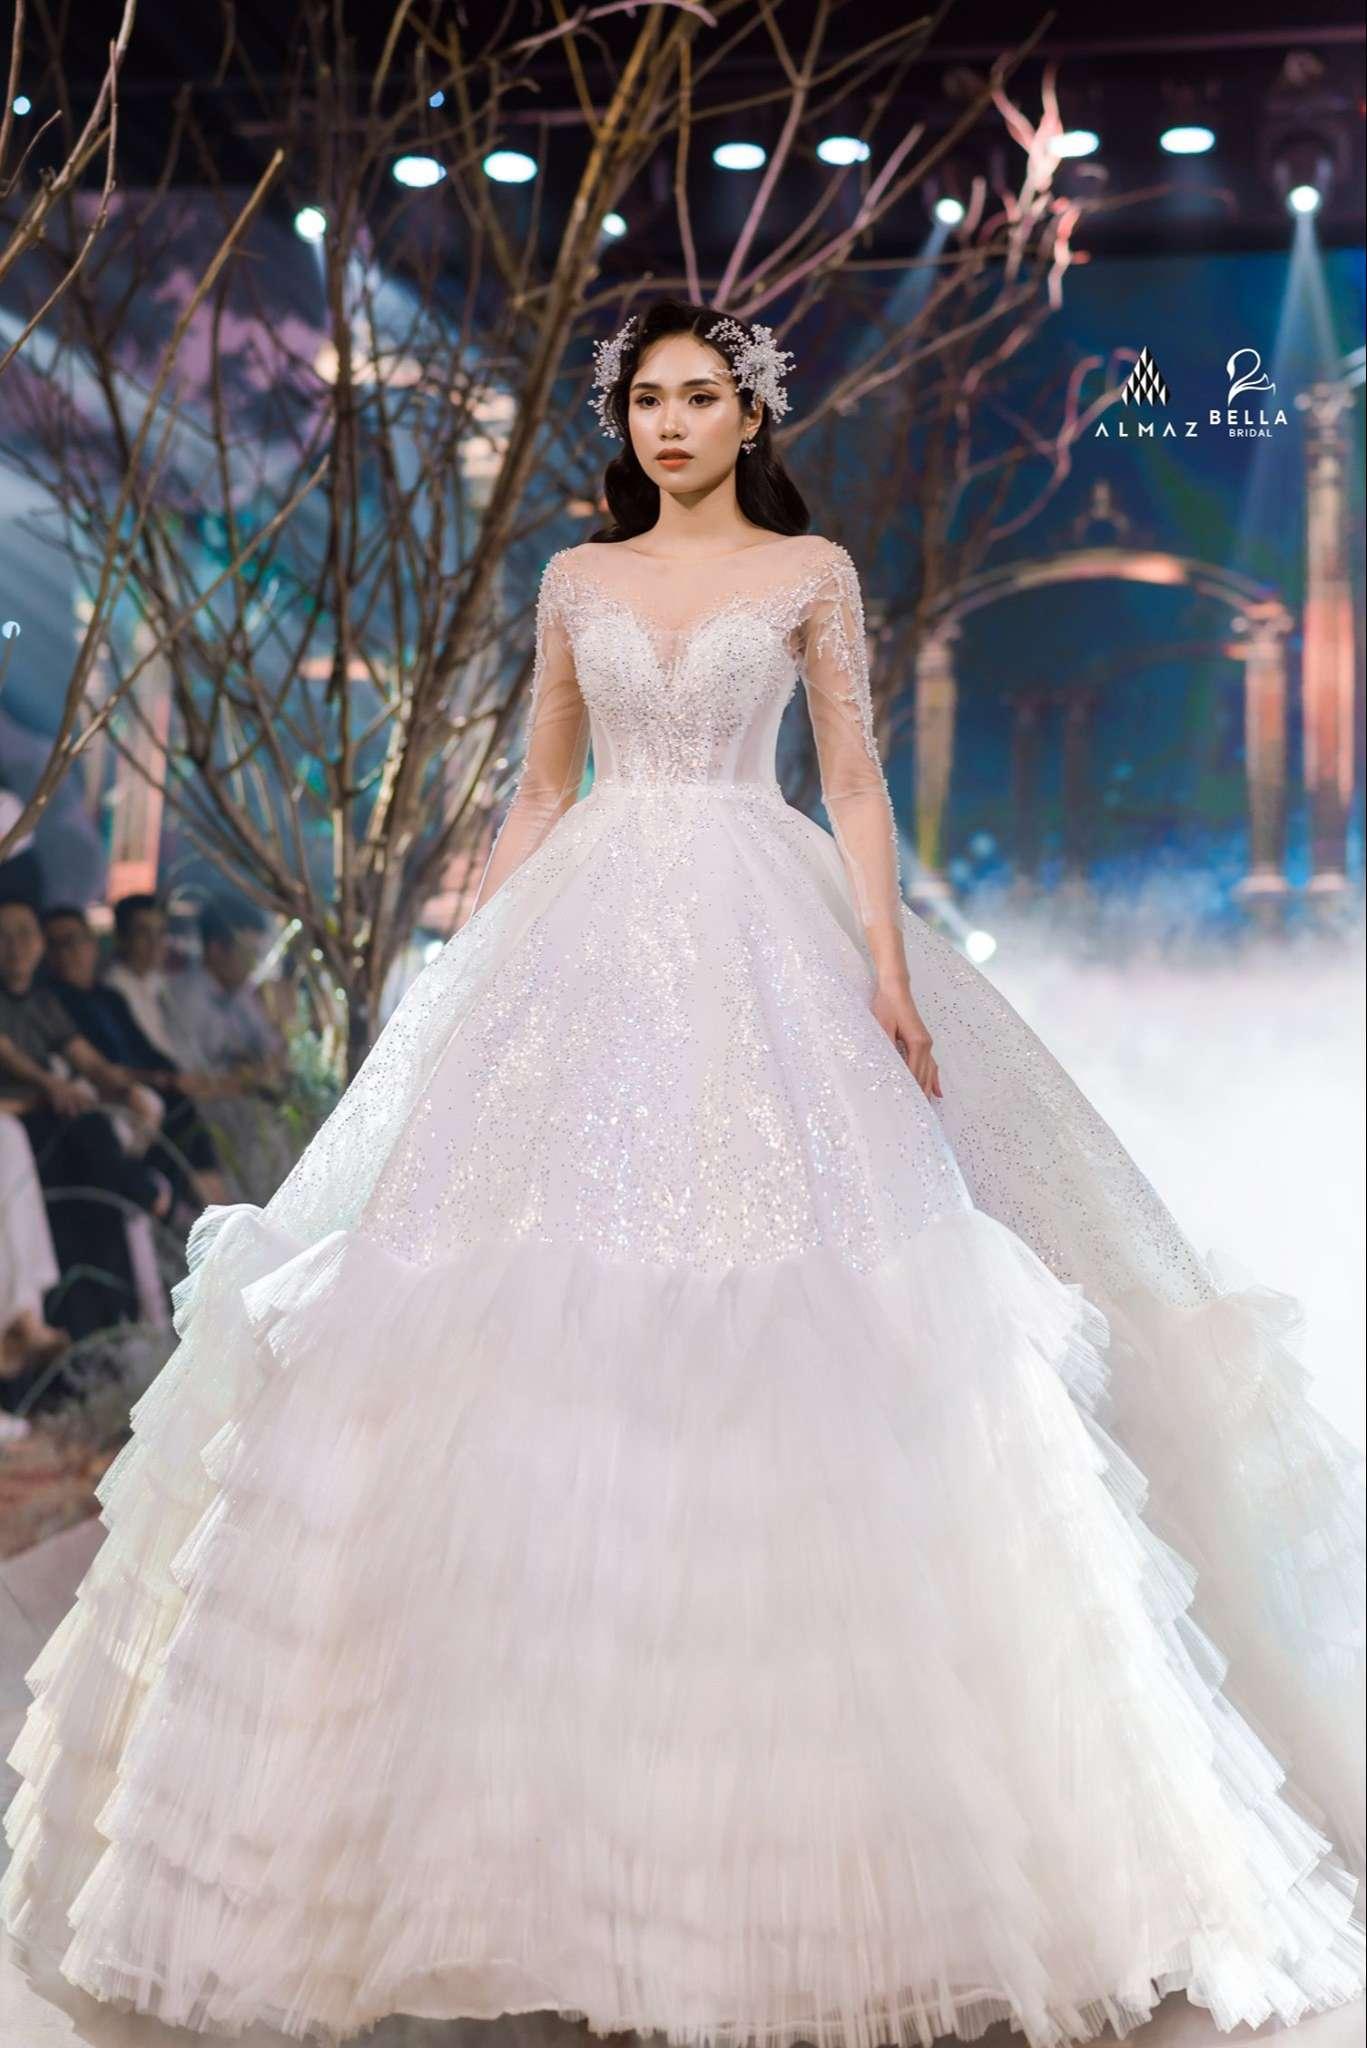 Tiệm áo cưới Hà Nội